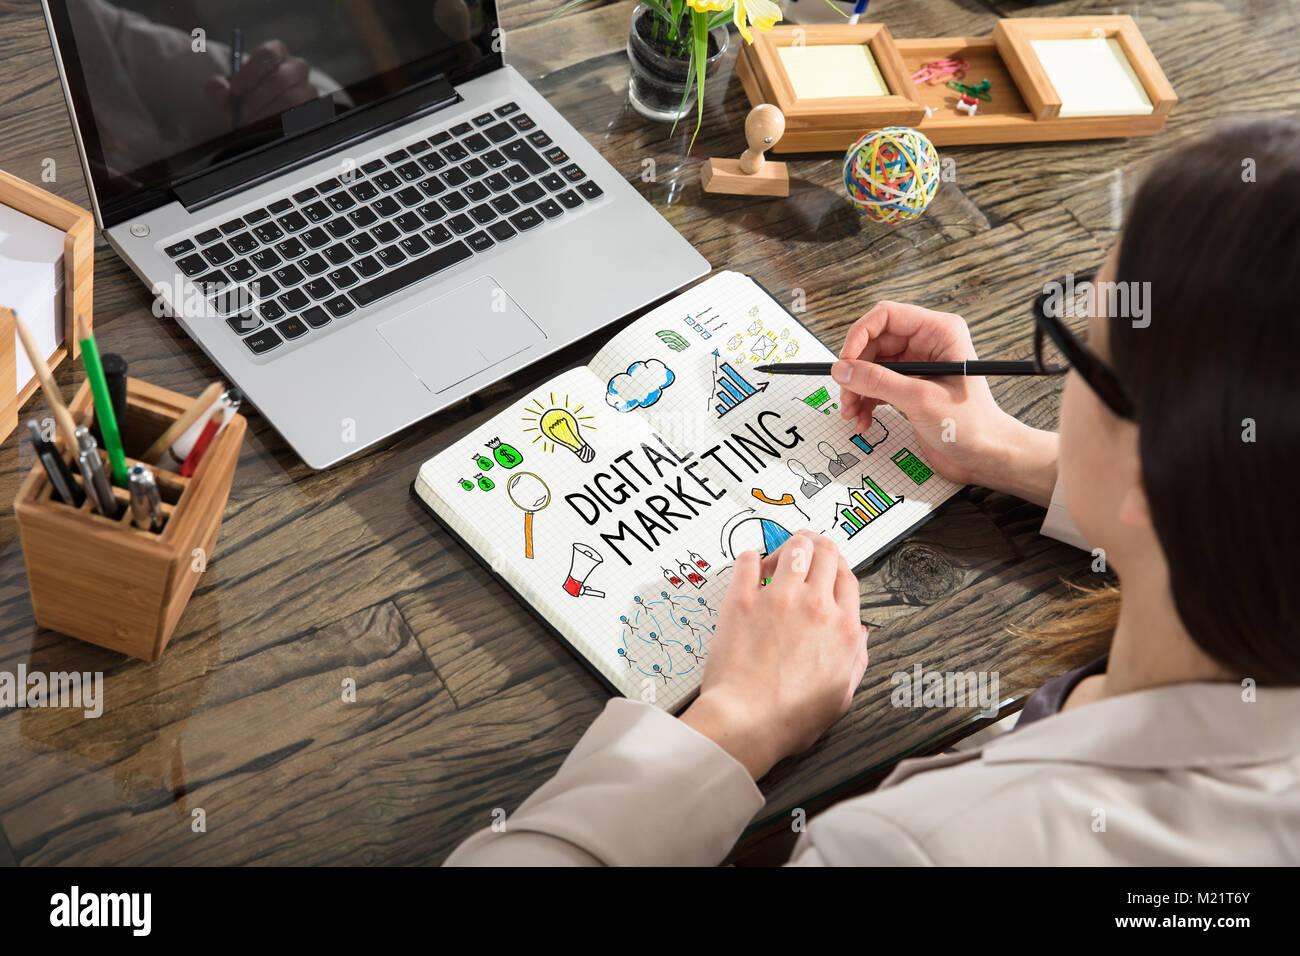 Close Up Of Digital Marketing Dessin Graphique Sur Un Ordinateur